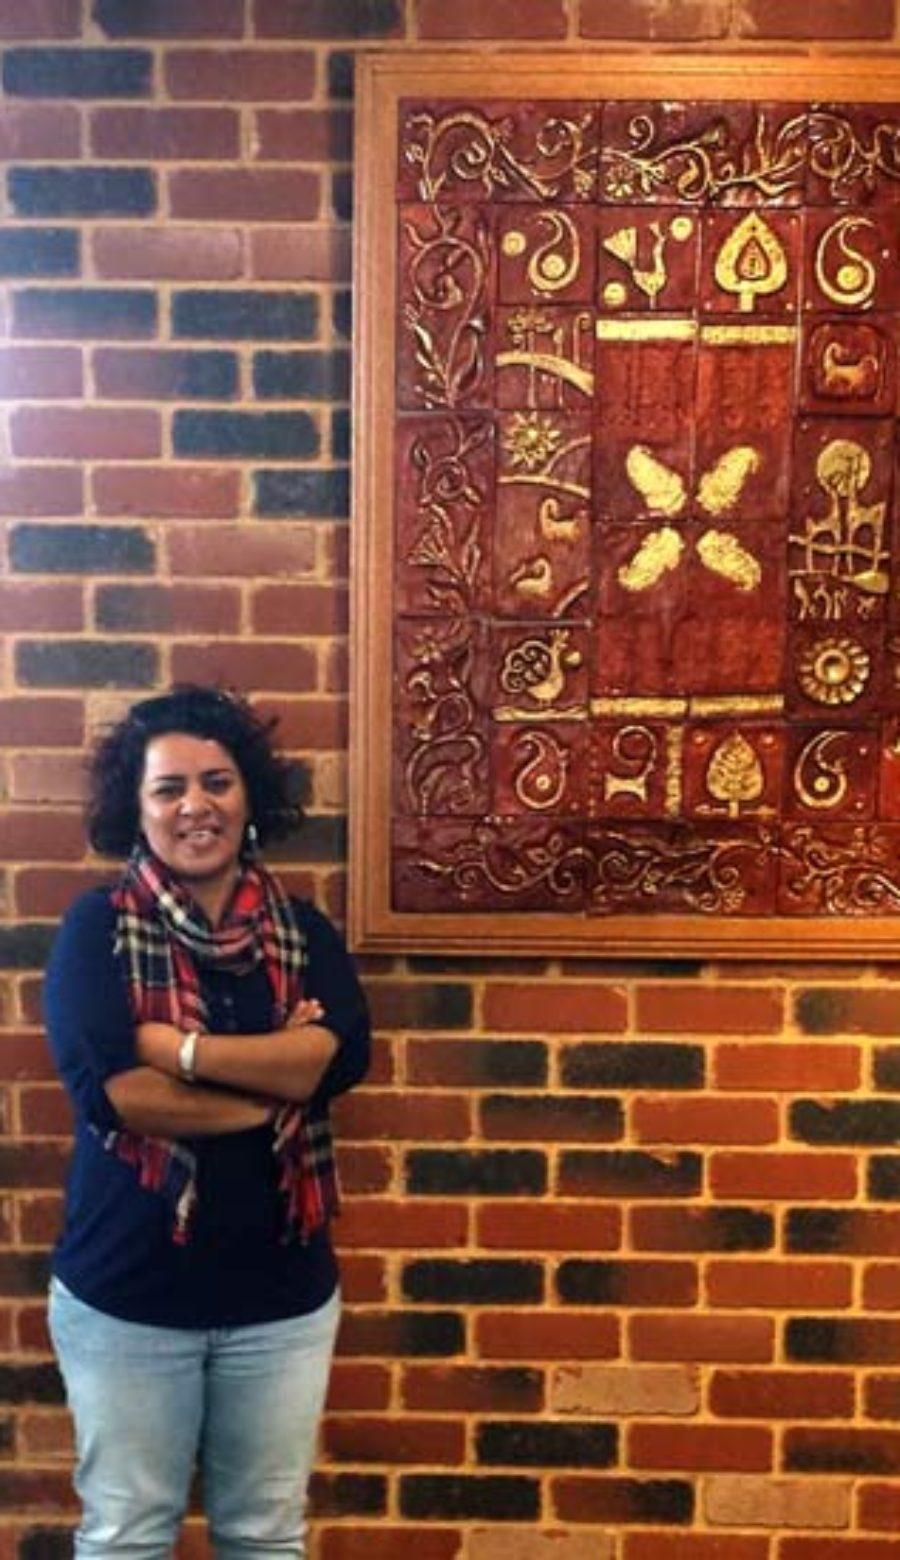 شکوفه آذر، داستان نویس، روزنامه نگار و جهانگرد